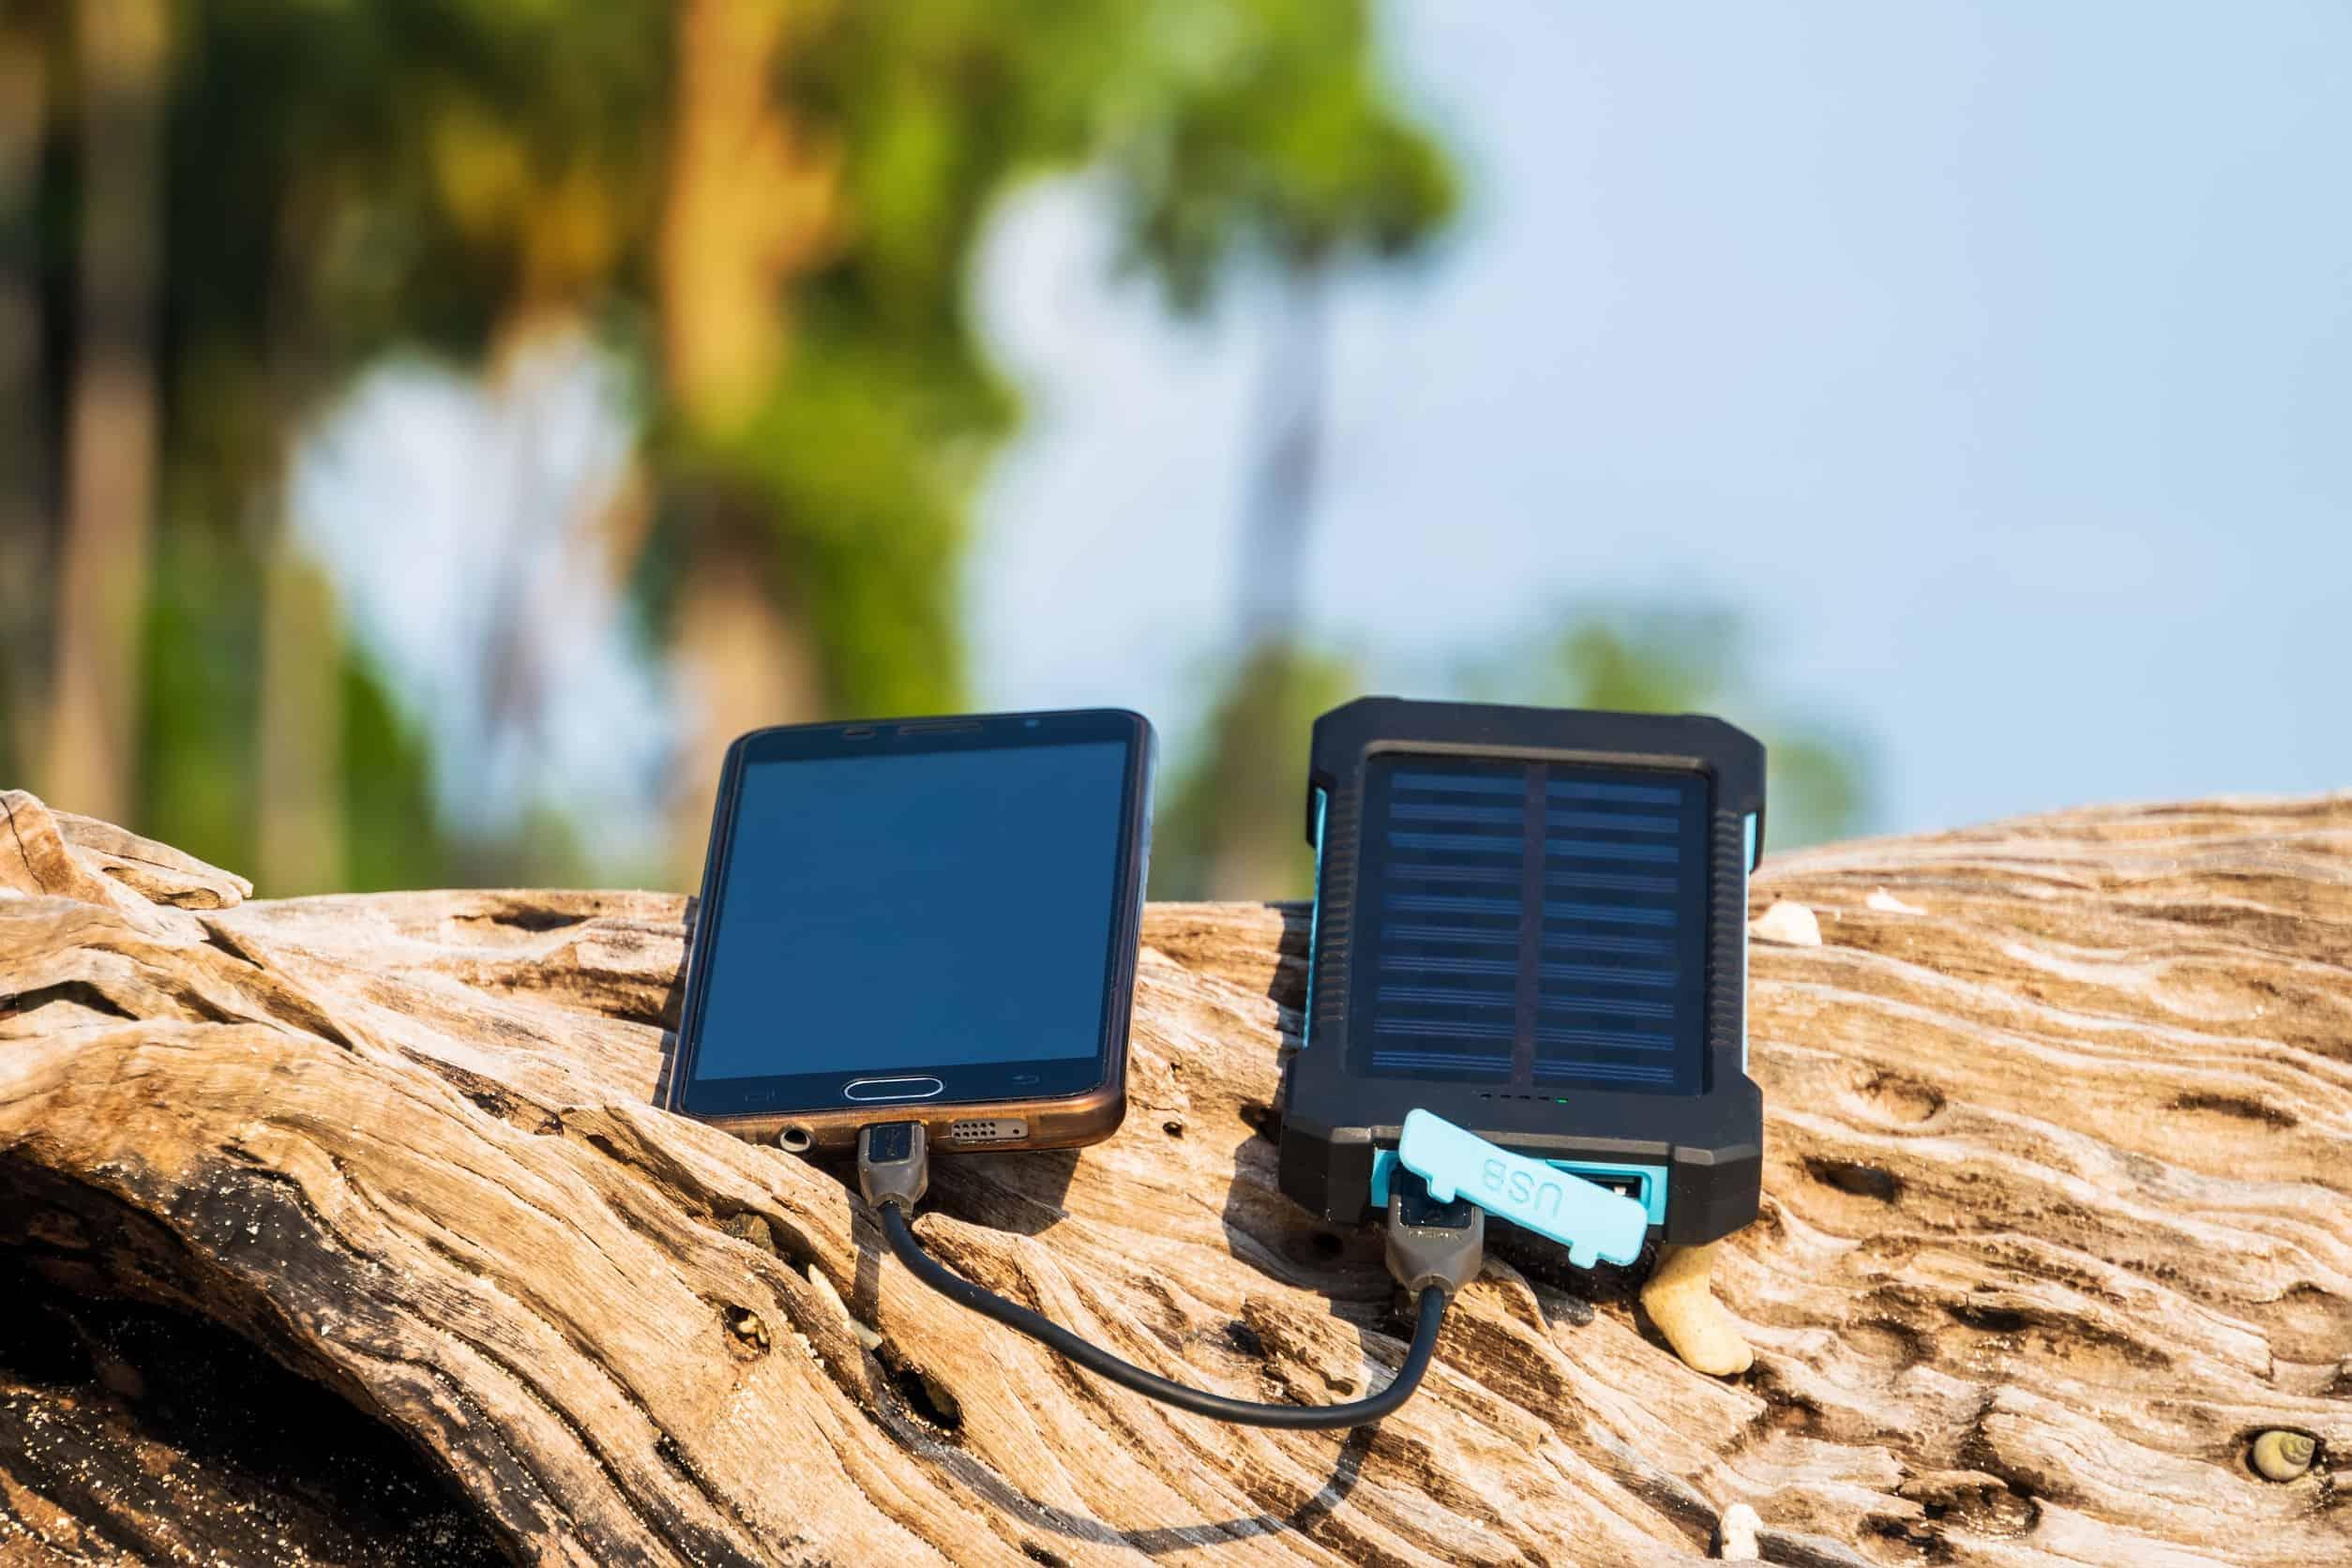 Carregador solar conectado a celular, em cima de um tronco de árvore.